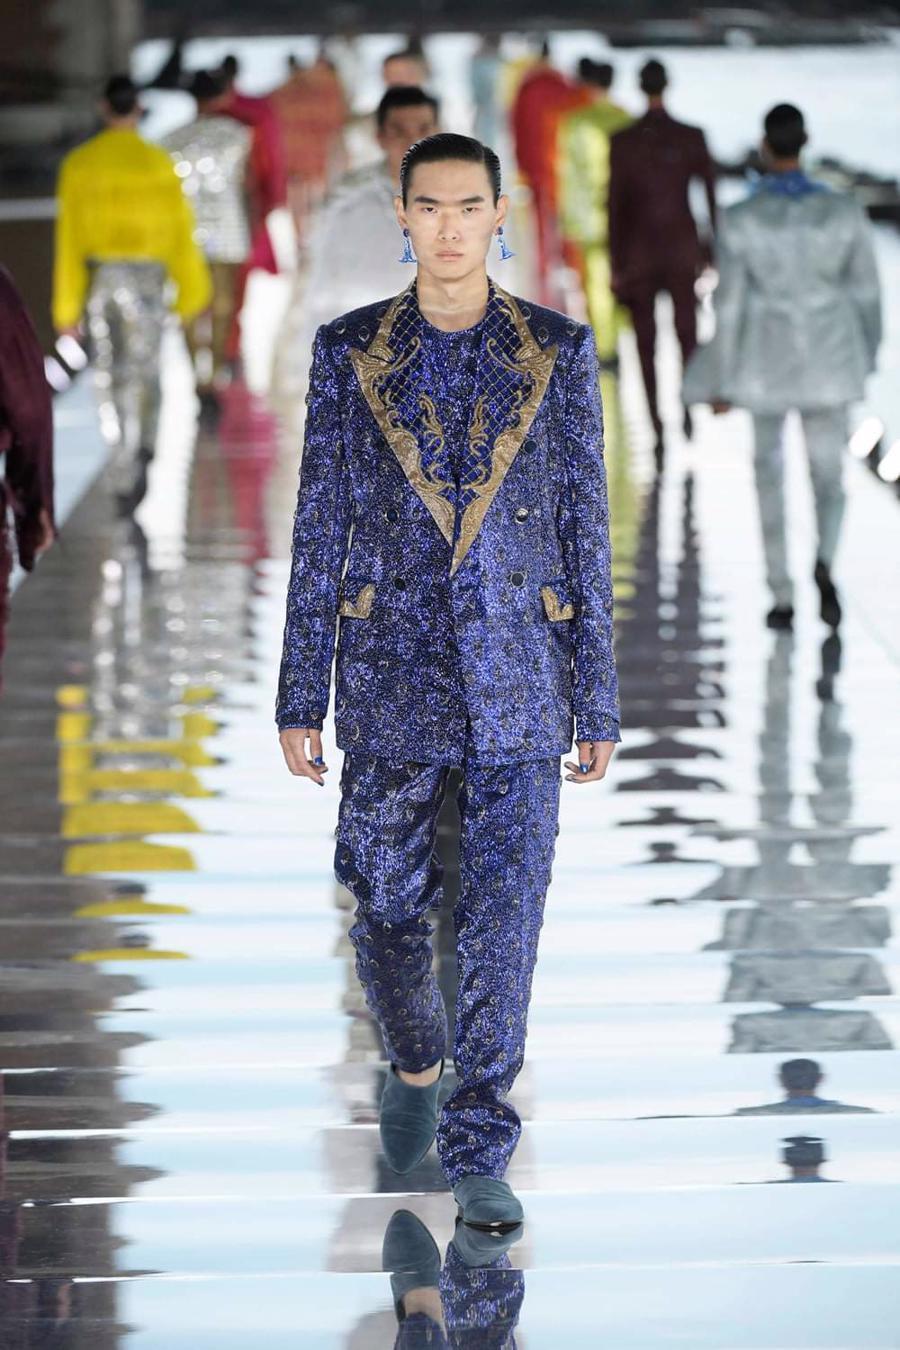 Thế giới chứng kiến những gì sau bữa tiệc xa hoa của Dolce & Gabbana? - Ảnh 11